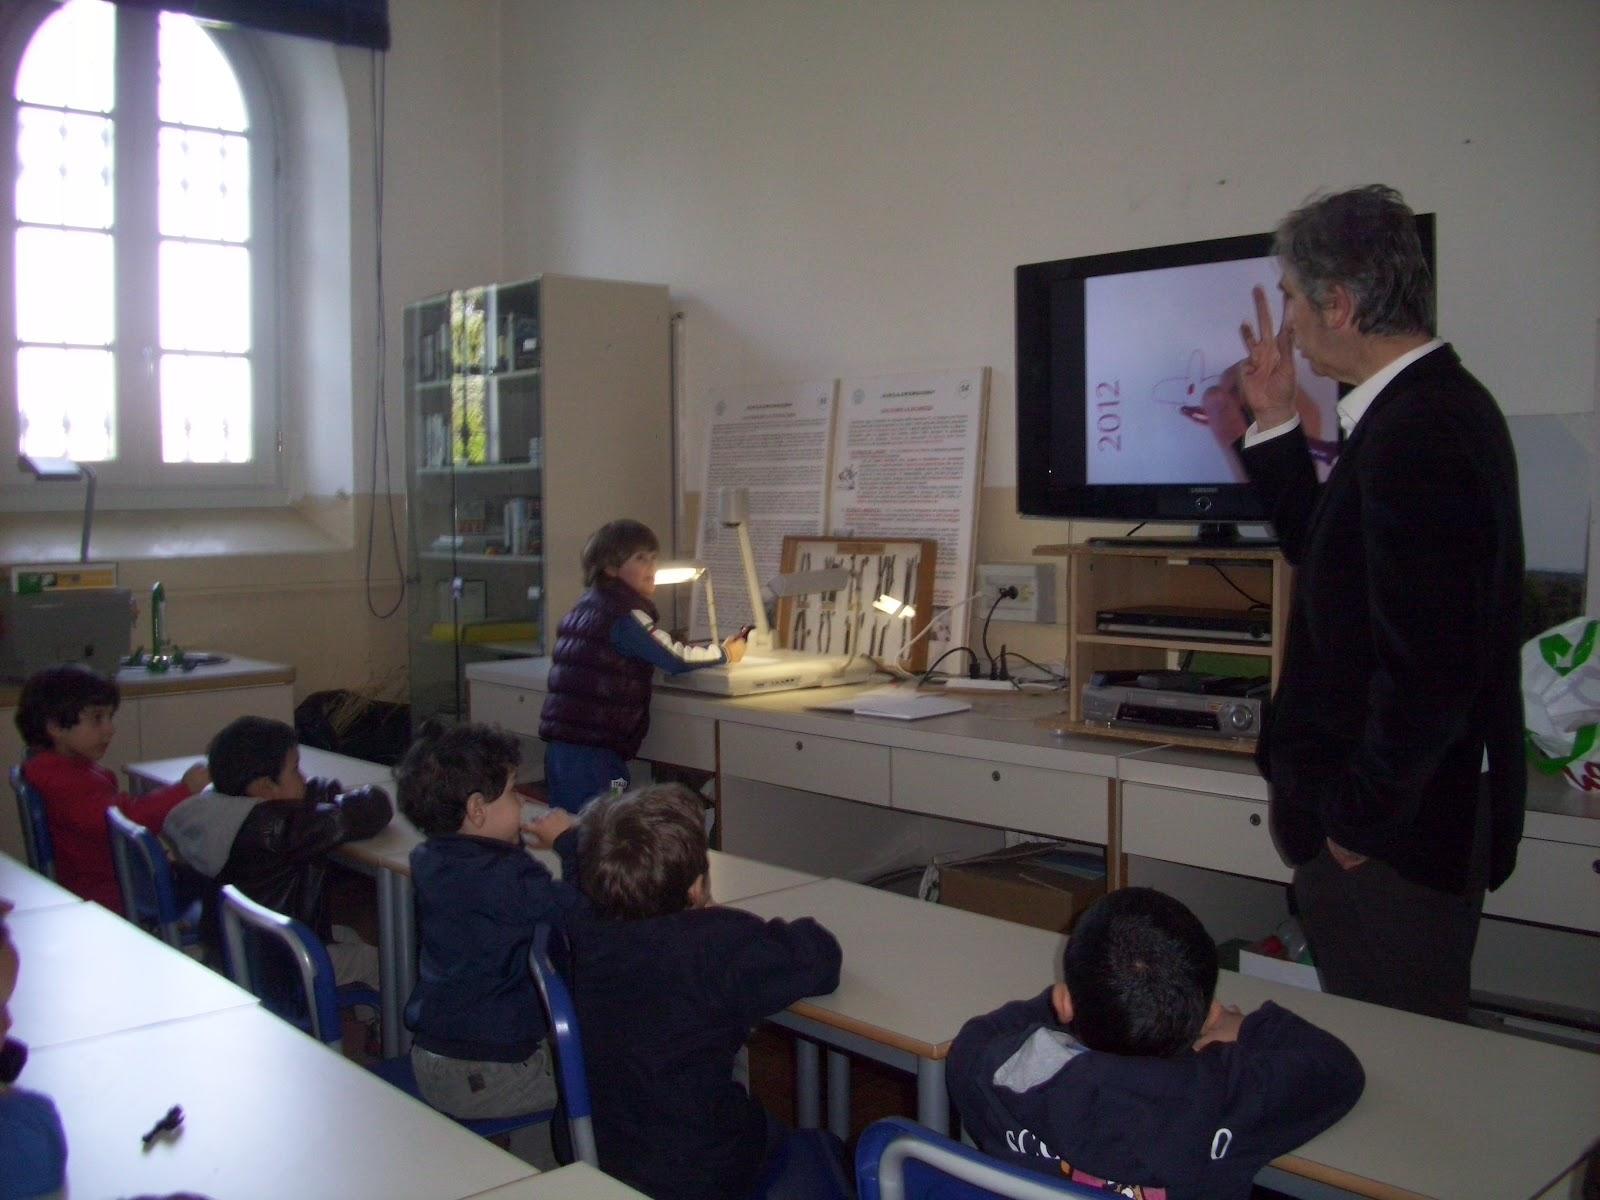 scuola gallini voghera lombardy - photo#11